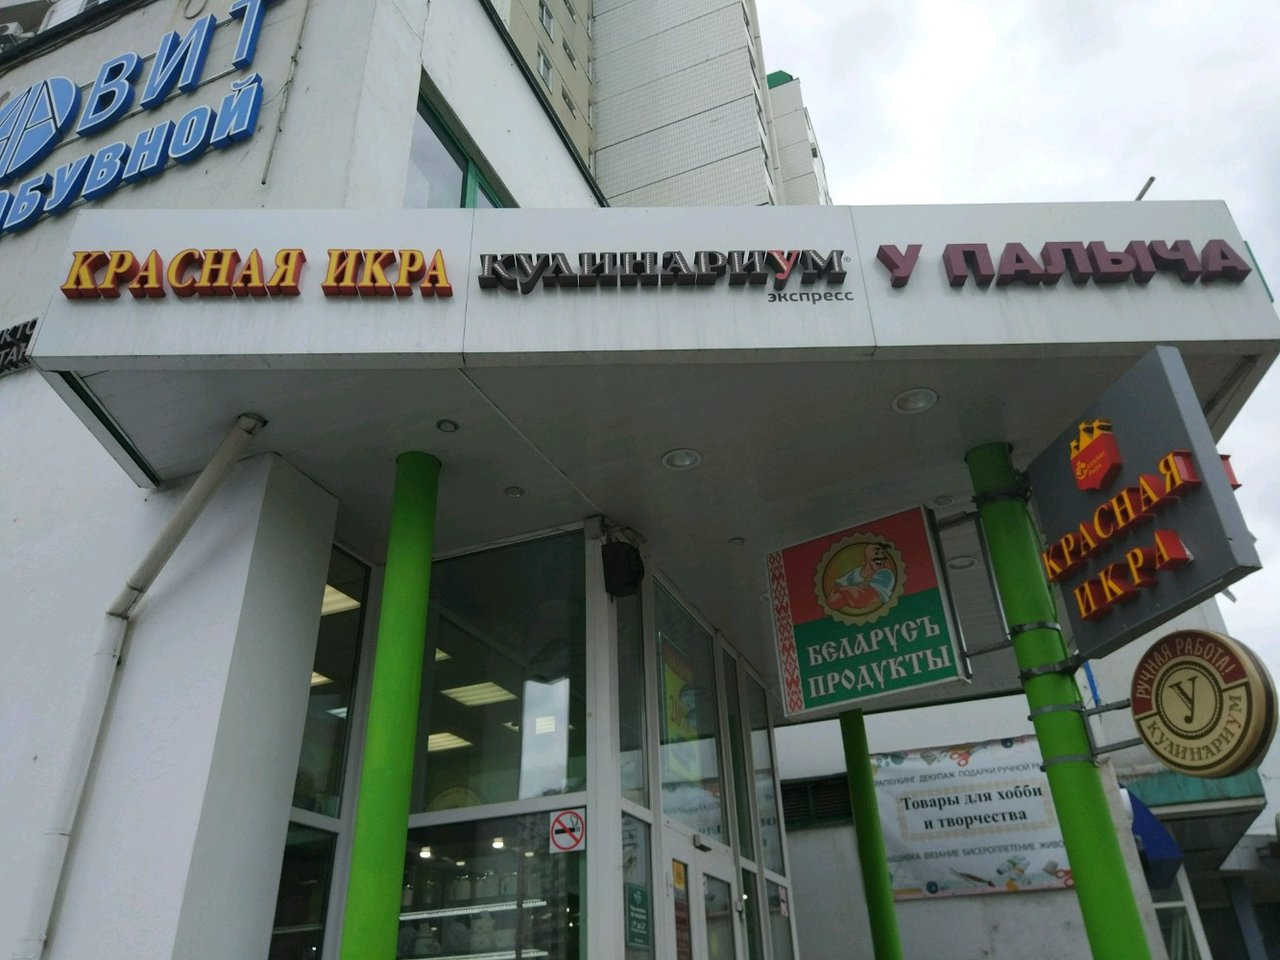 Магазин Красная Икра На Братиславской